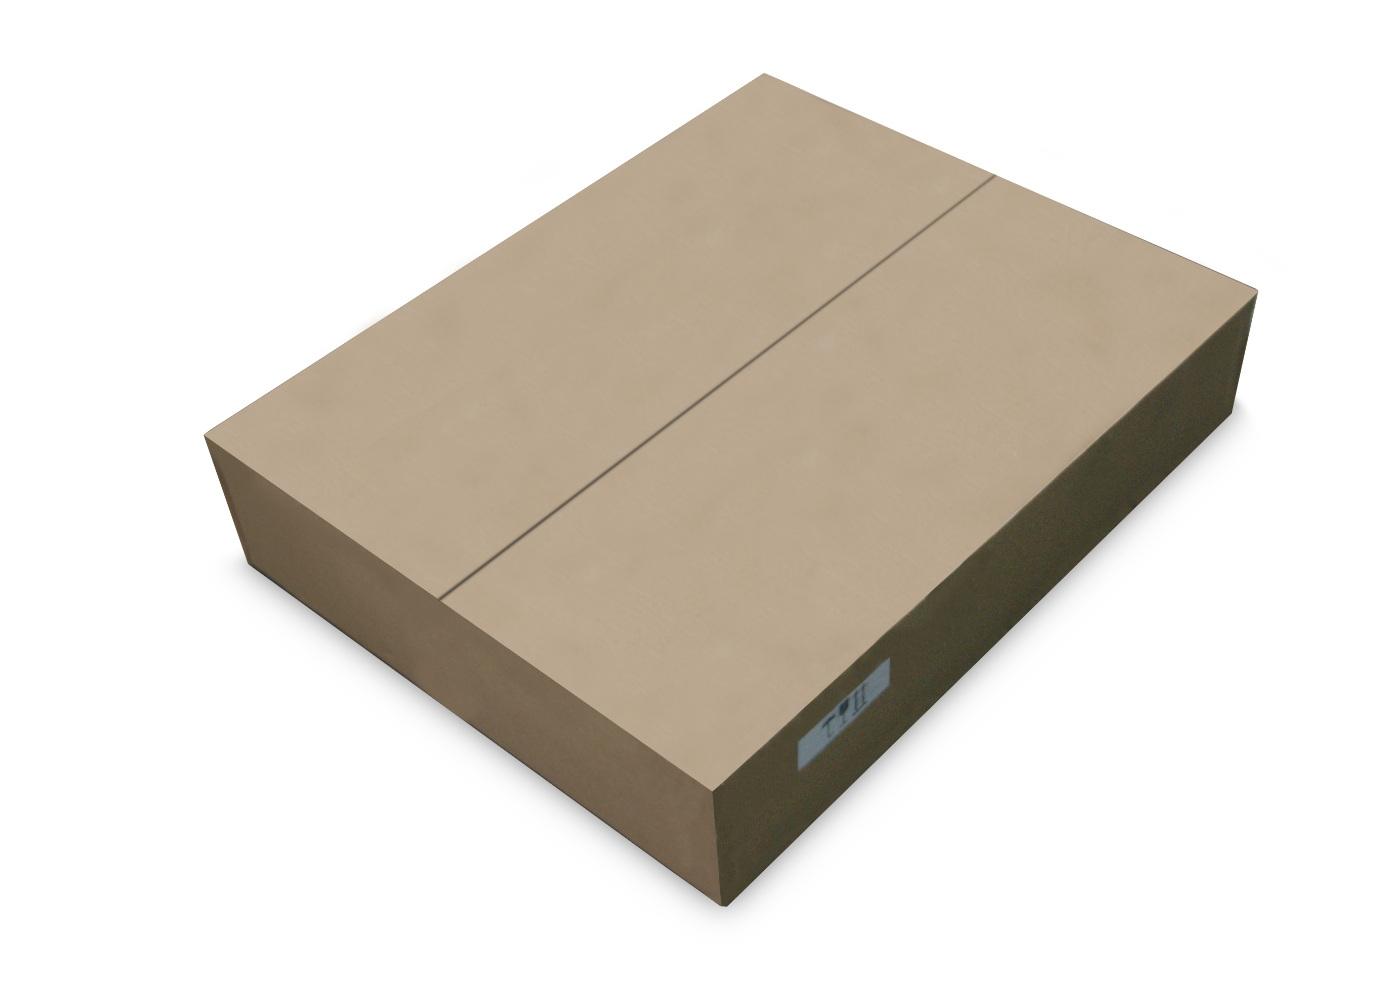 Упаковка для активной антенны магнитного поля П6-119